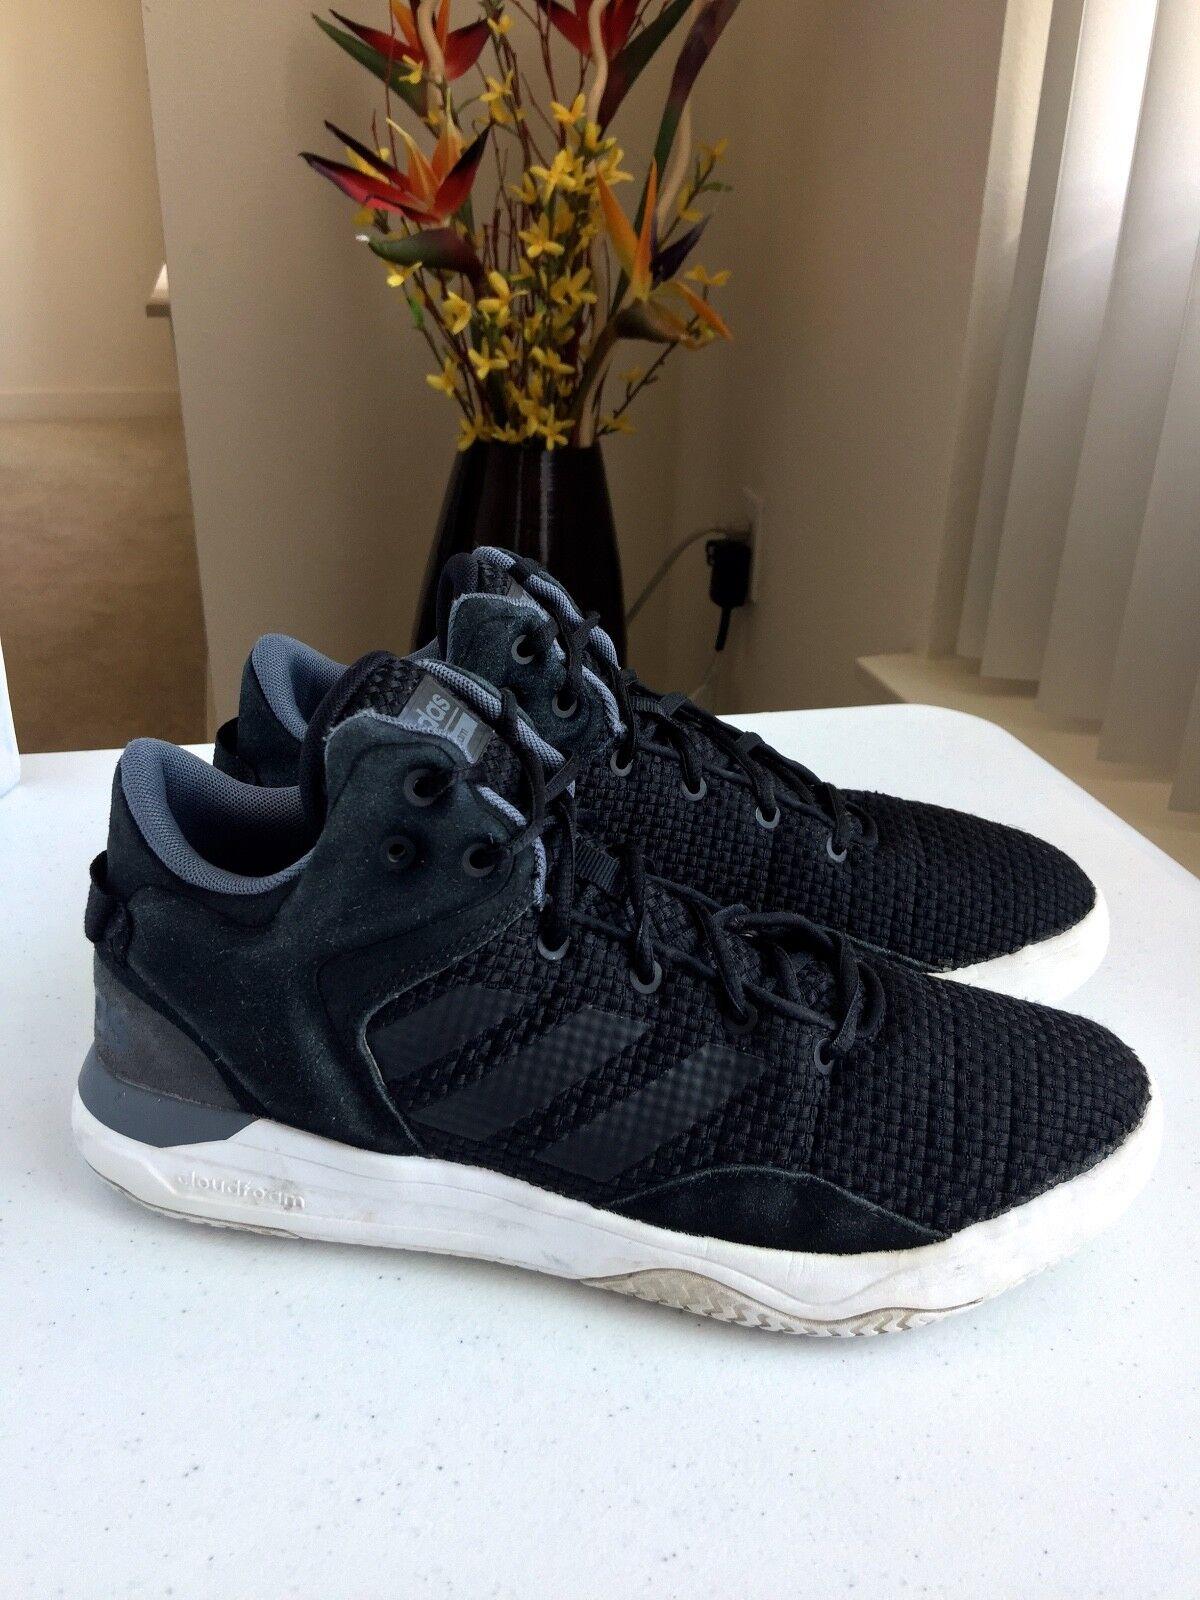 Adidas uomini cloudfoam cloudfoam cloudfoam revival a metà il basket scarpa sz 9 us   Liquidazione    Uomini/Donne Scarpa  e5eabd